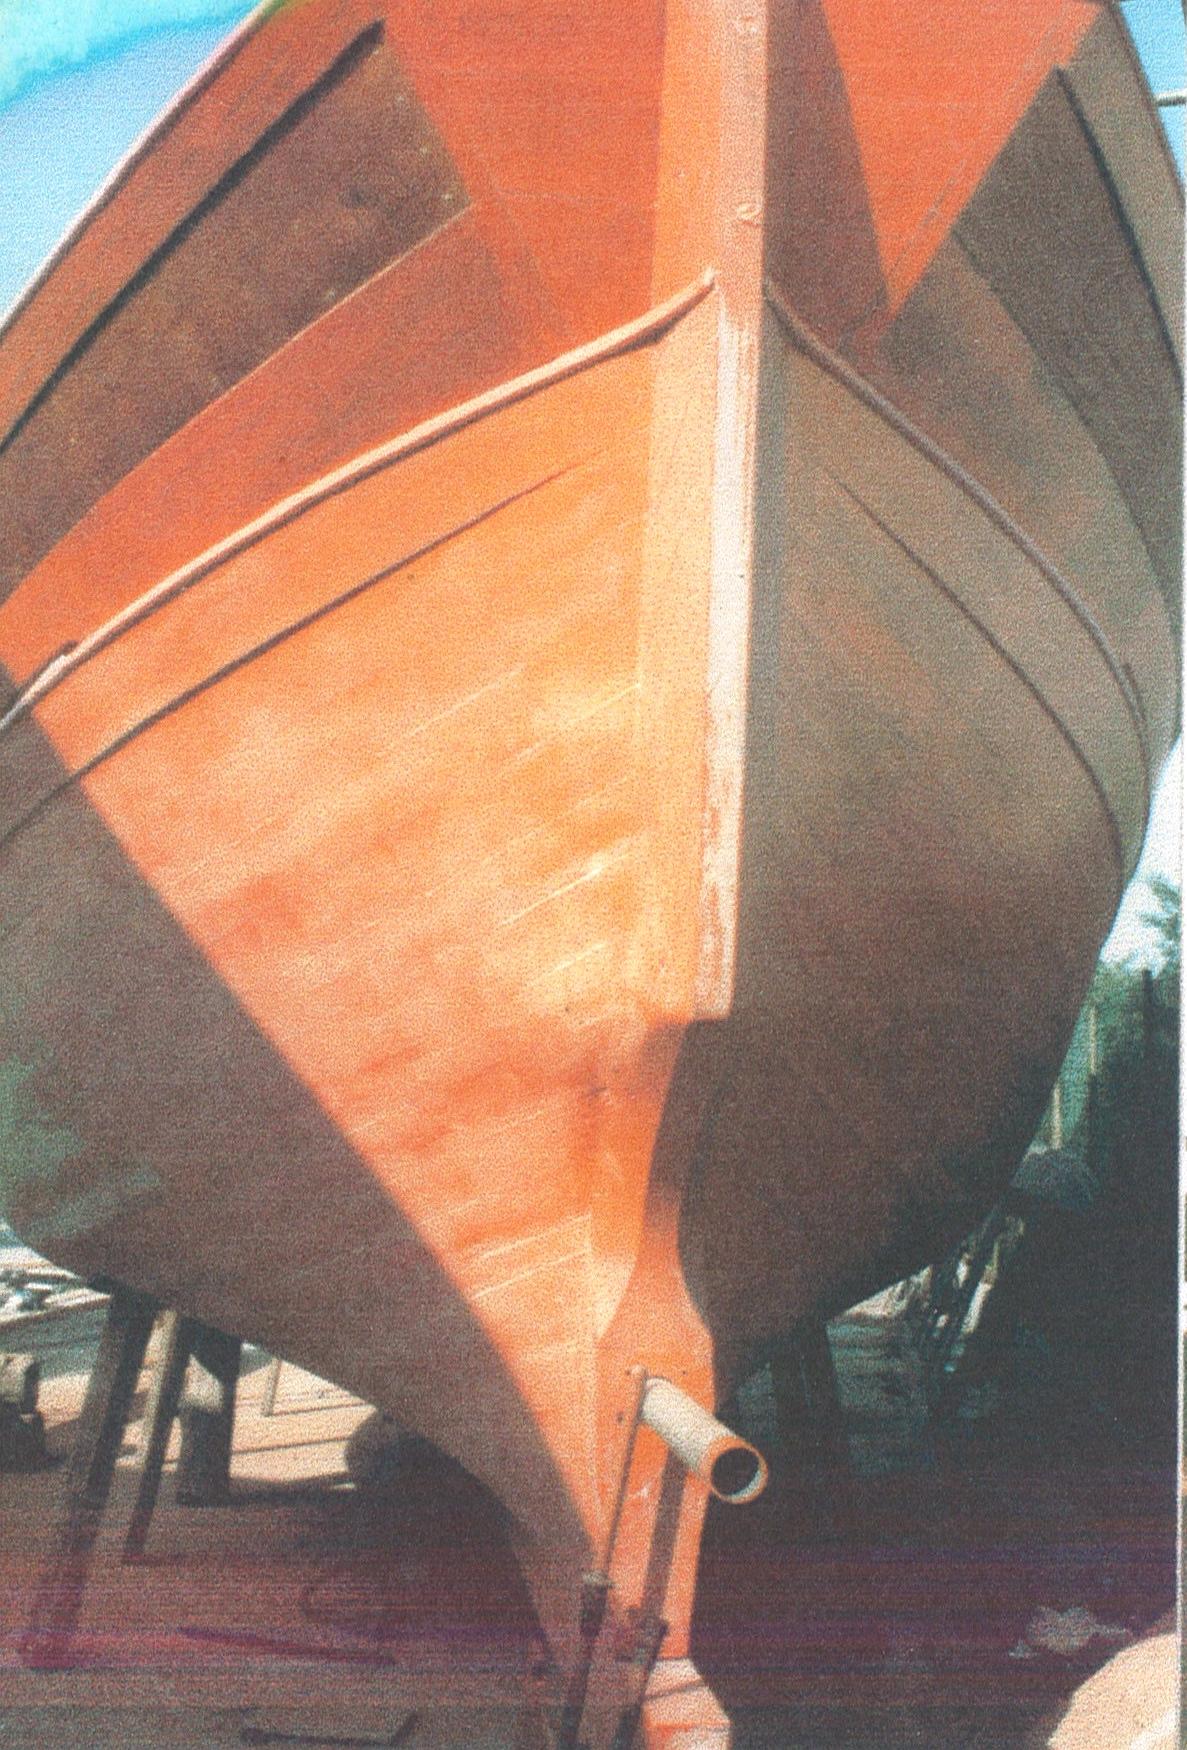 La coque en cours de construction au printemps 1992